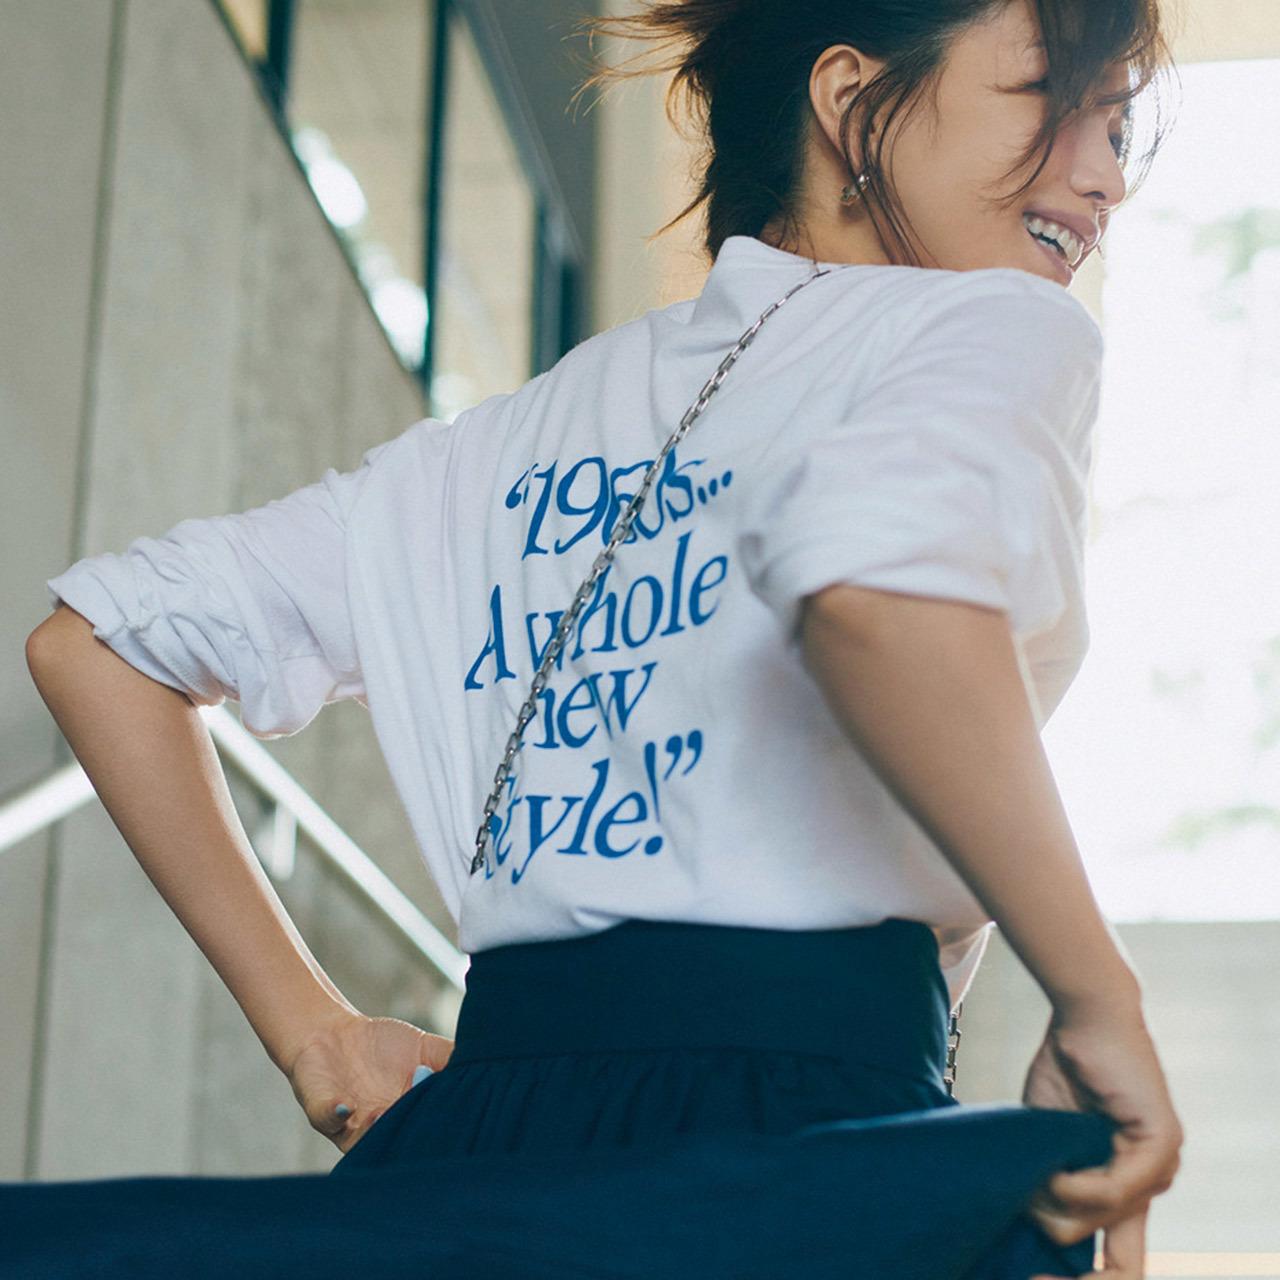 プチプラTシャツで選ぶべき色から涼しく着られる機能素材セットアップまで【ファッション人気記事ランキングトップ10】_1_6